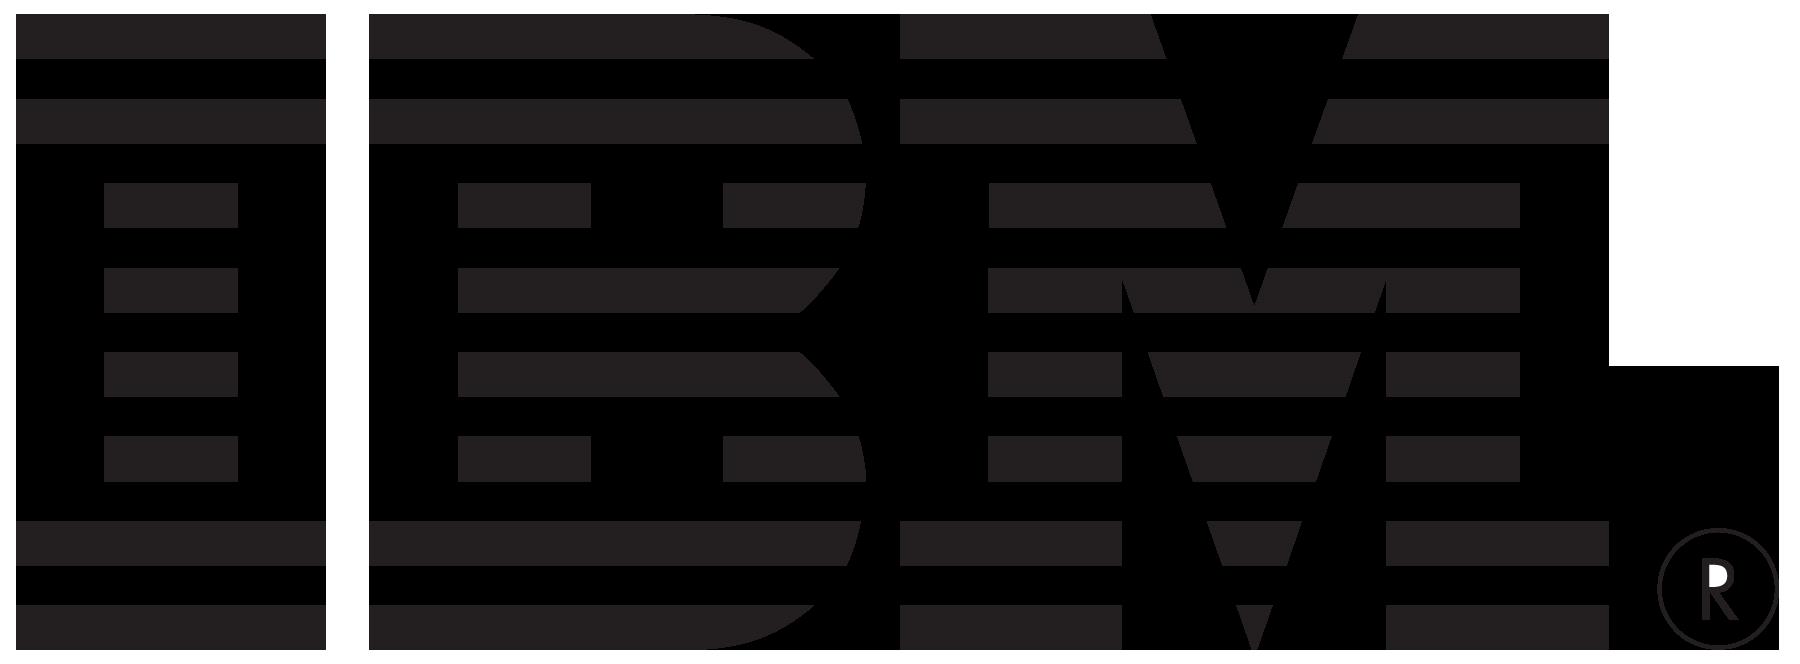 Logo Ibm PNG - 98717